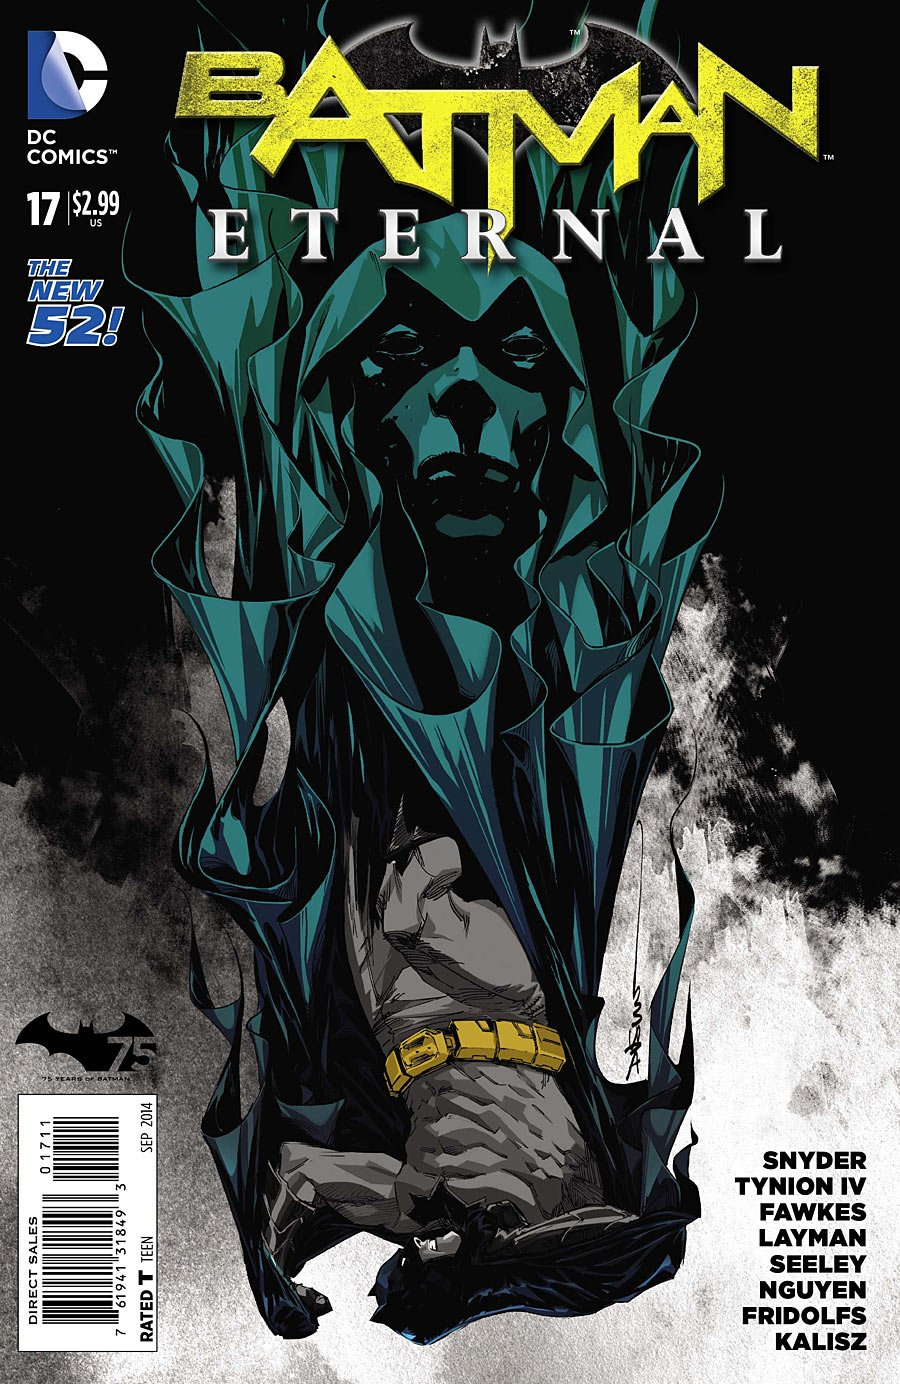 Download Batman Eternal #17 Comic Book pdf